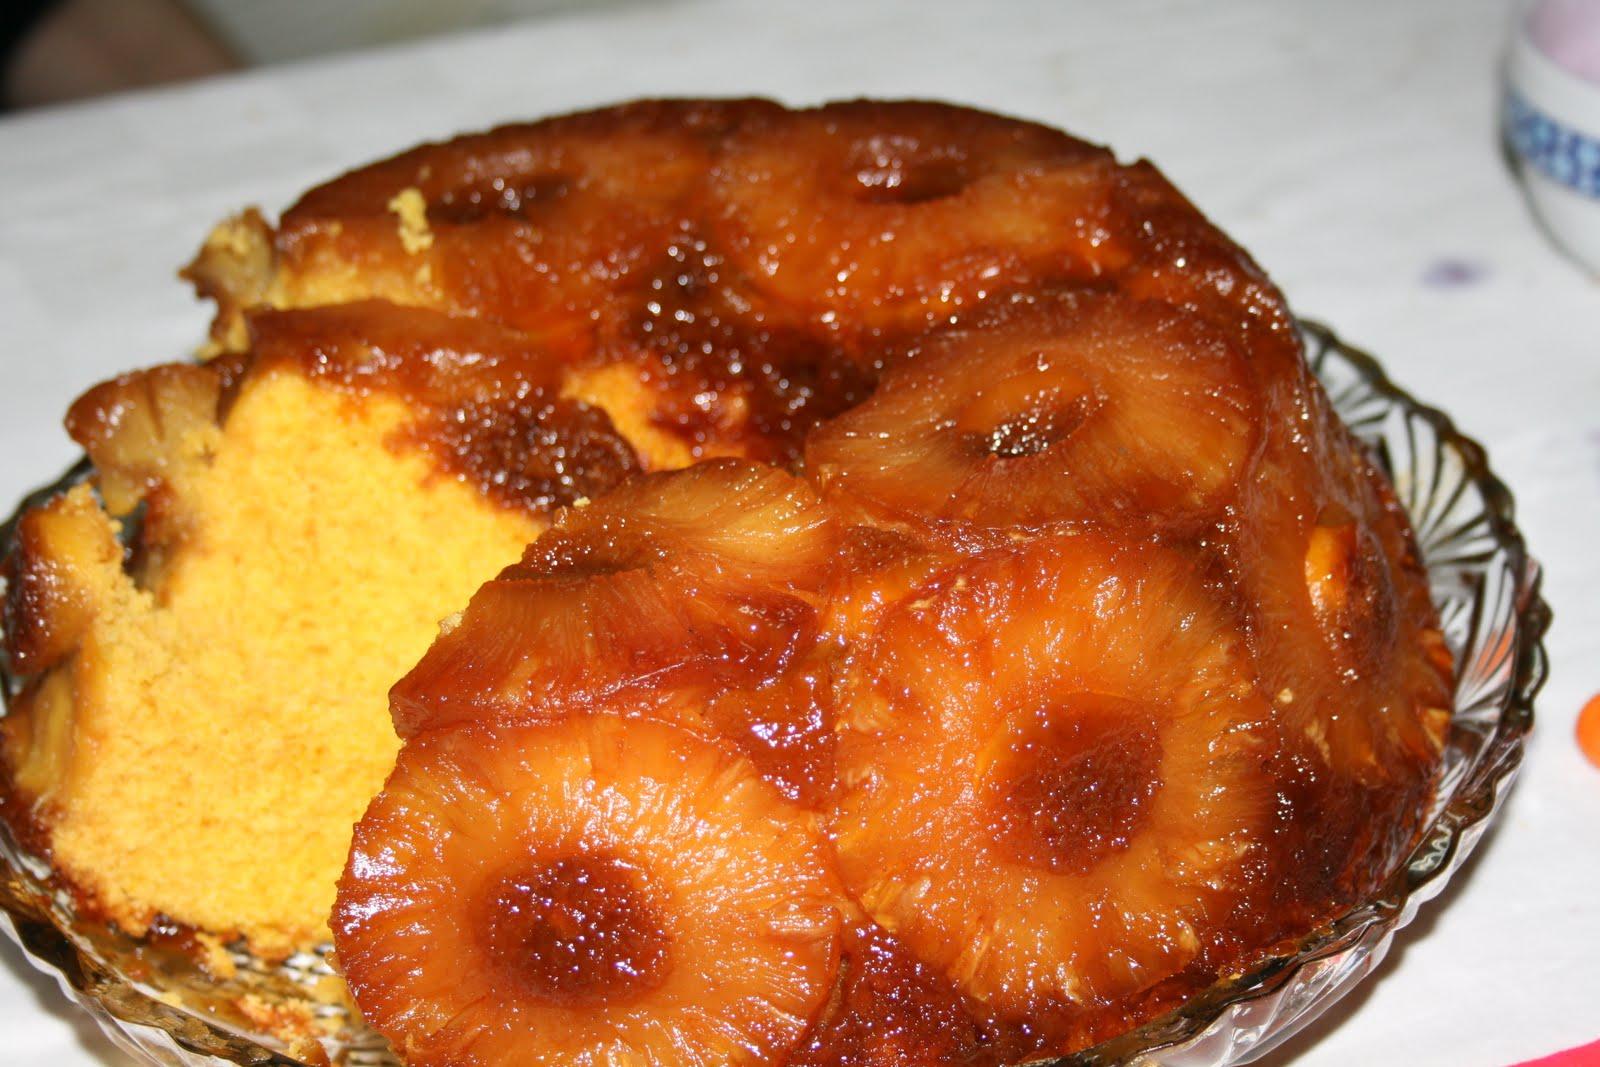 Bazar de Receitas: Bolo de Ananás